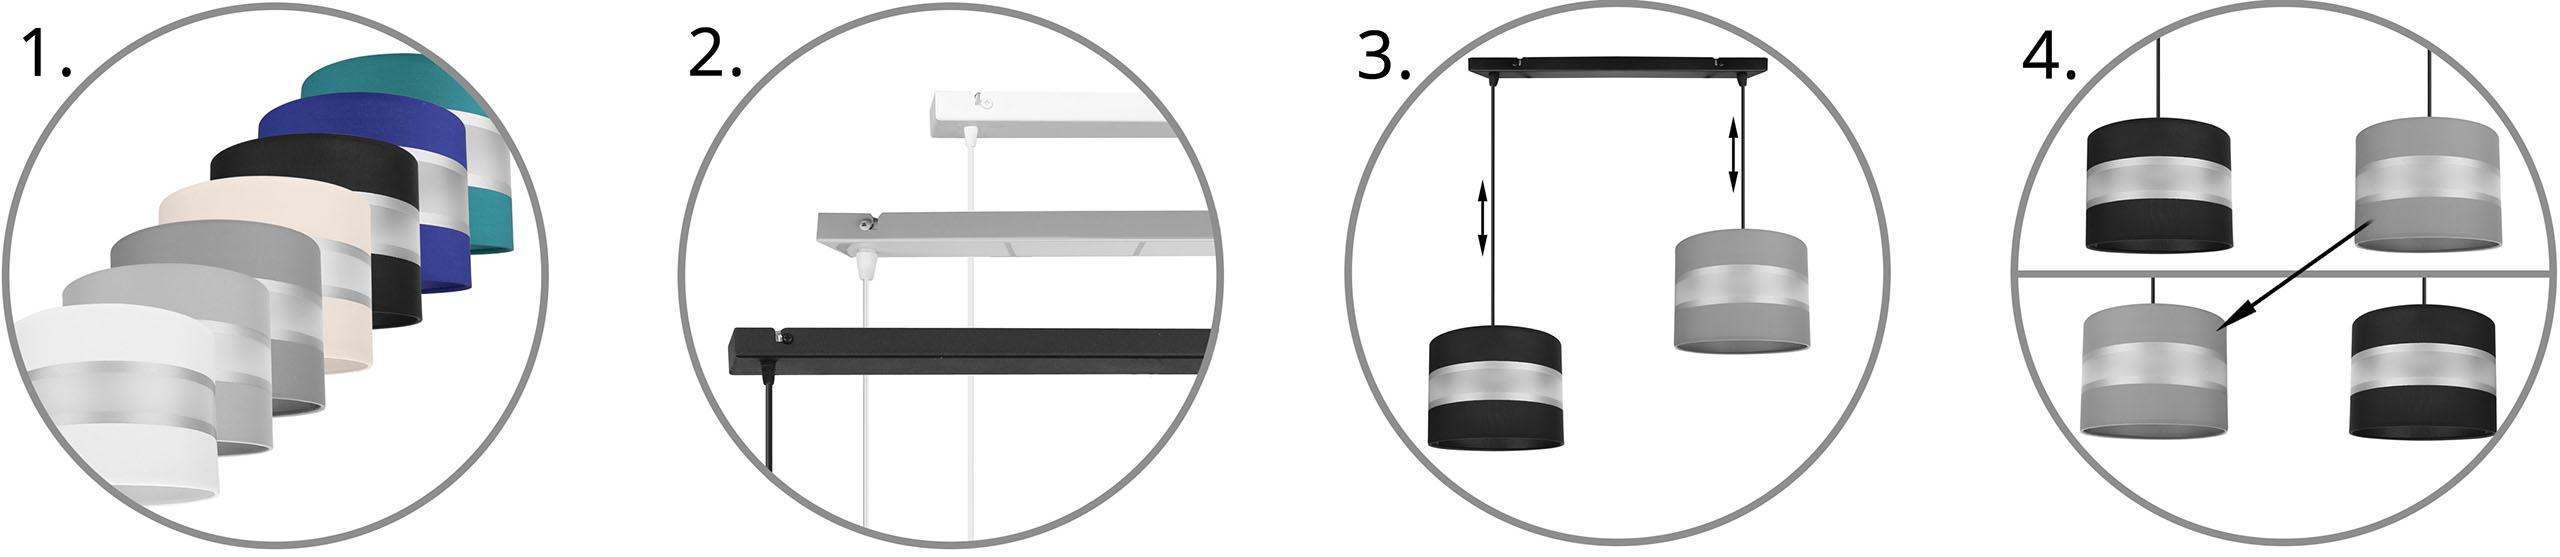 Nowoczesna lampa wisząca na listwie 2-płomienna możliwość zamieniania m iejscami abażurów